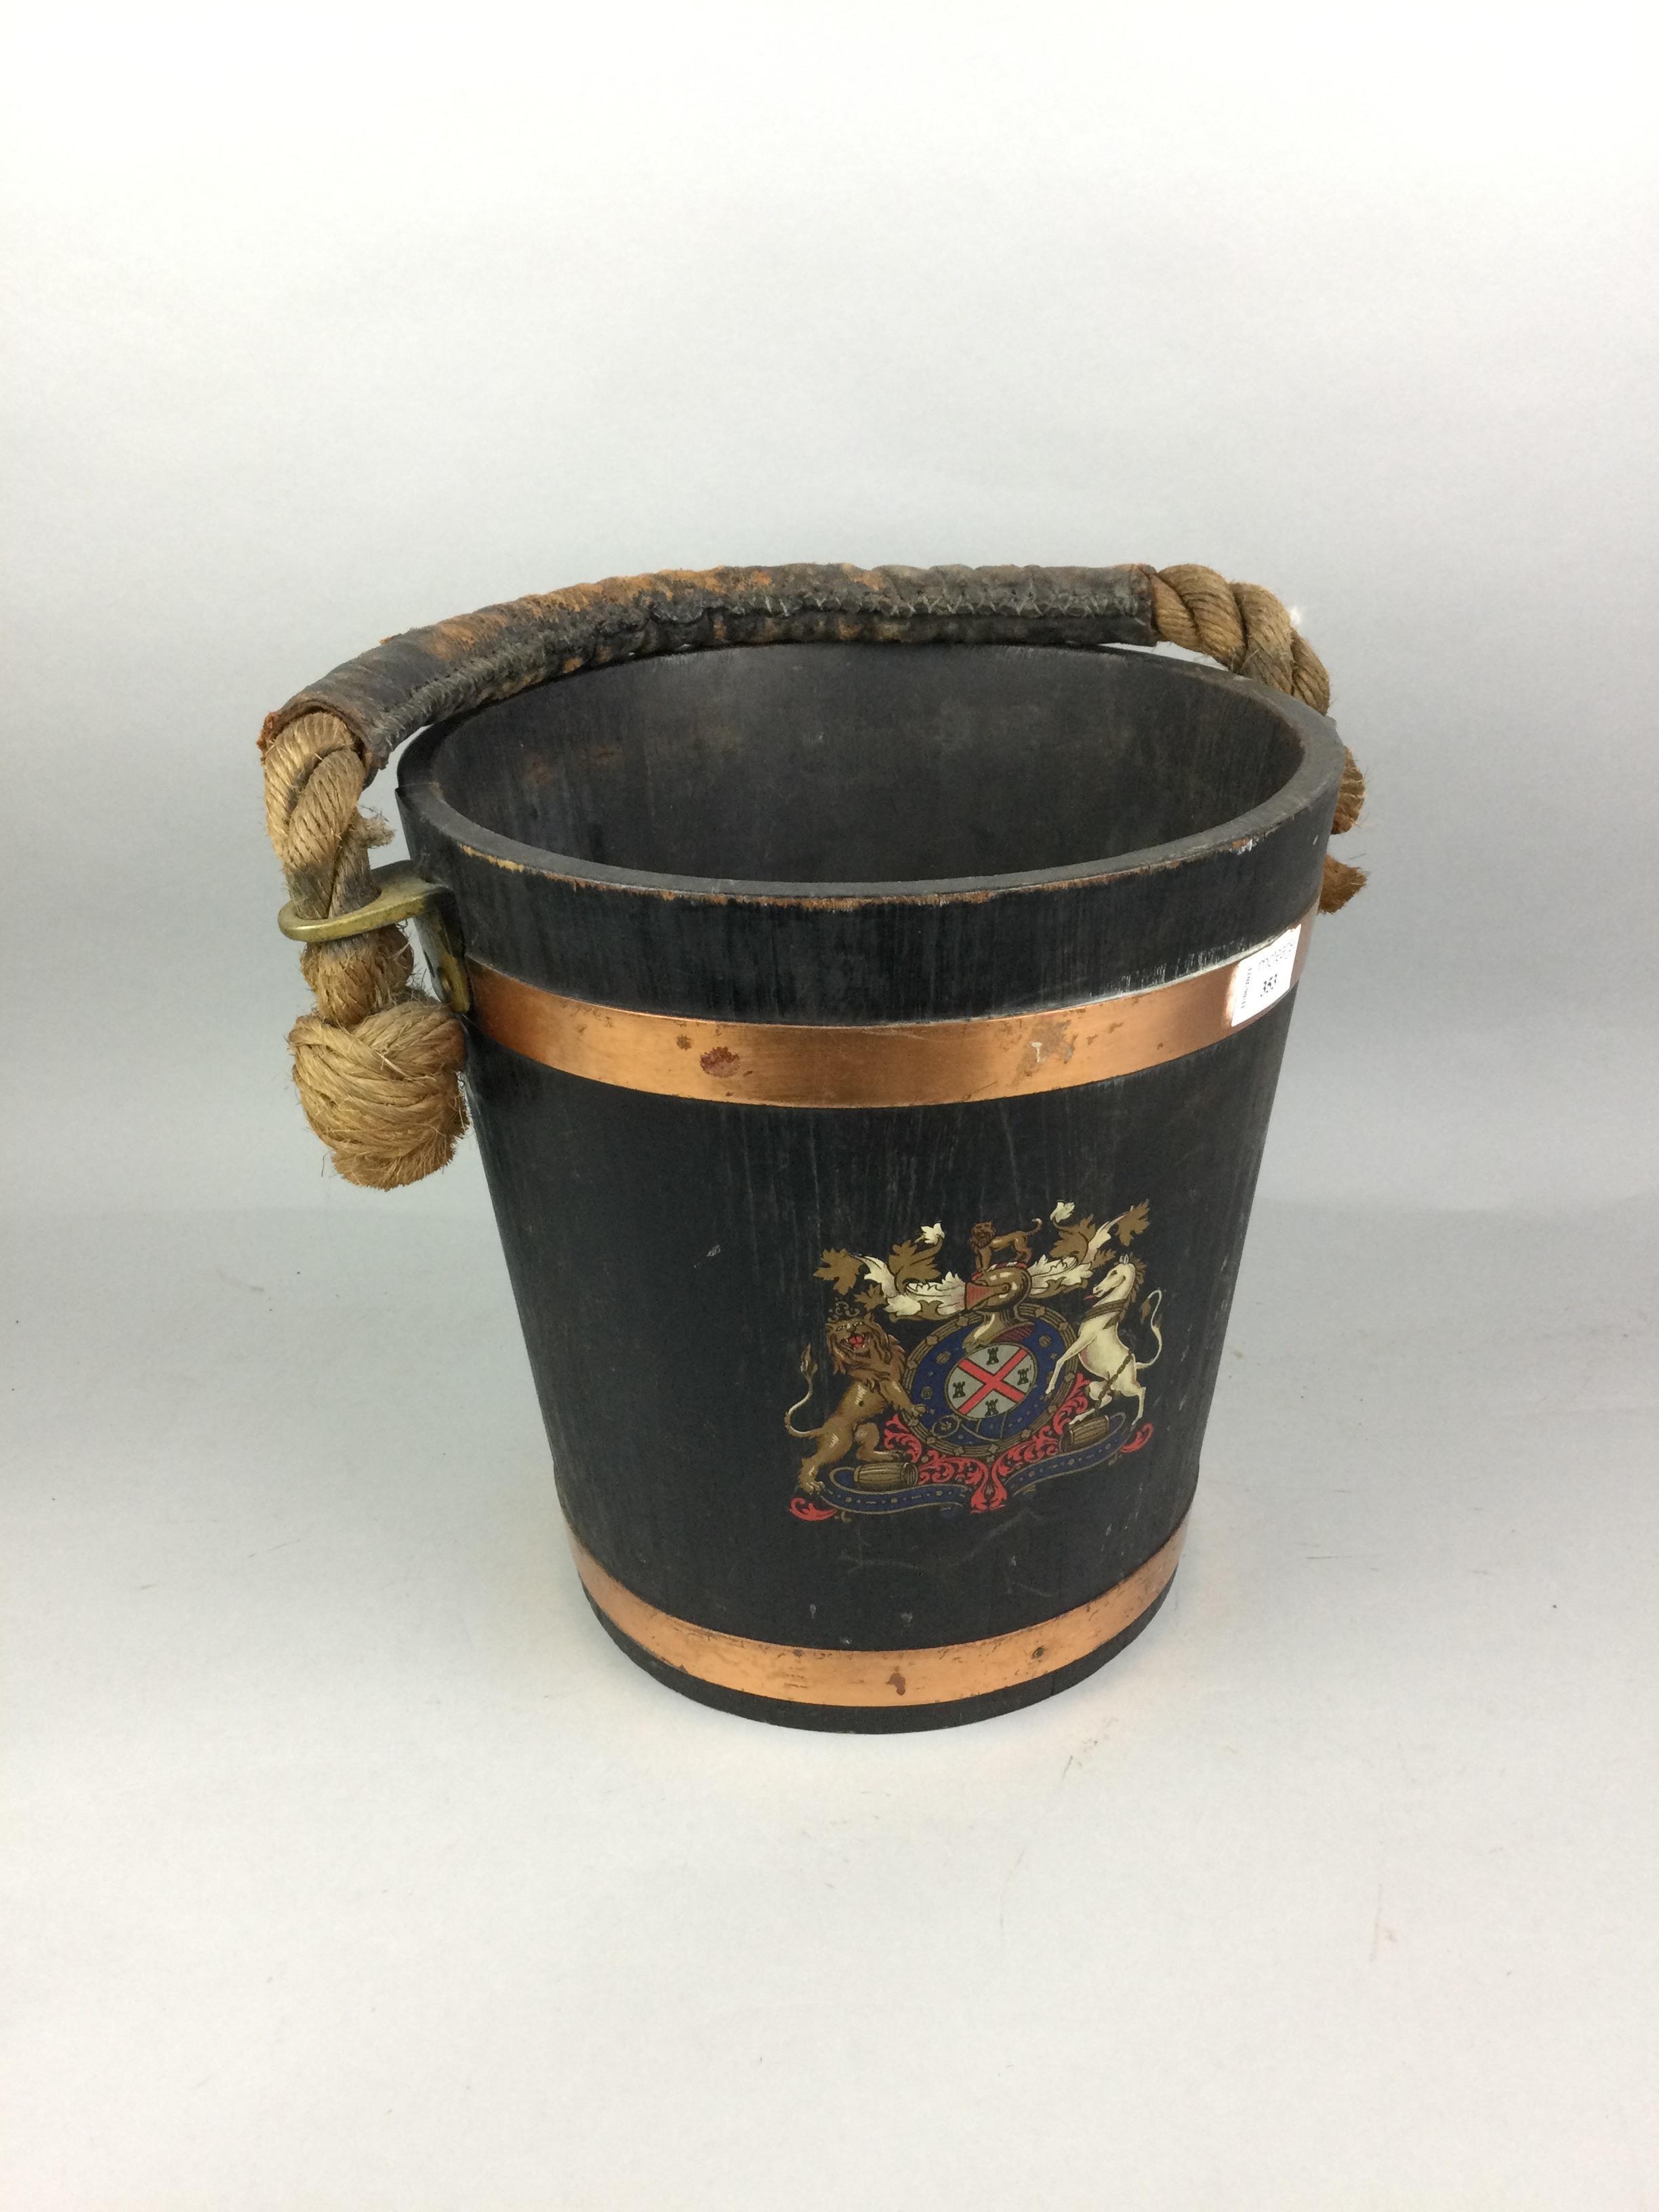 A COPPER BOUND OAK FIRE BUCKET